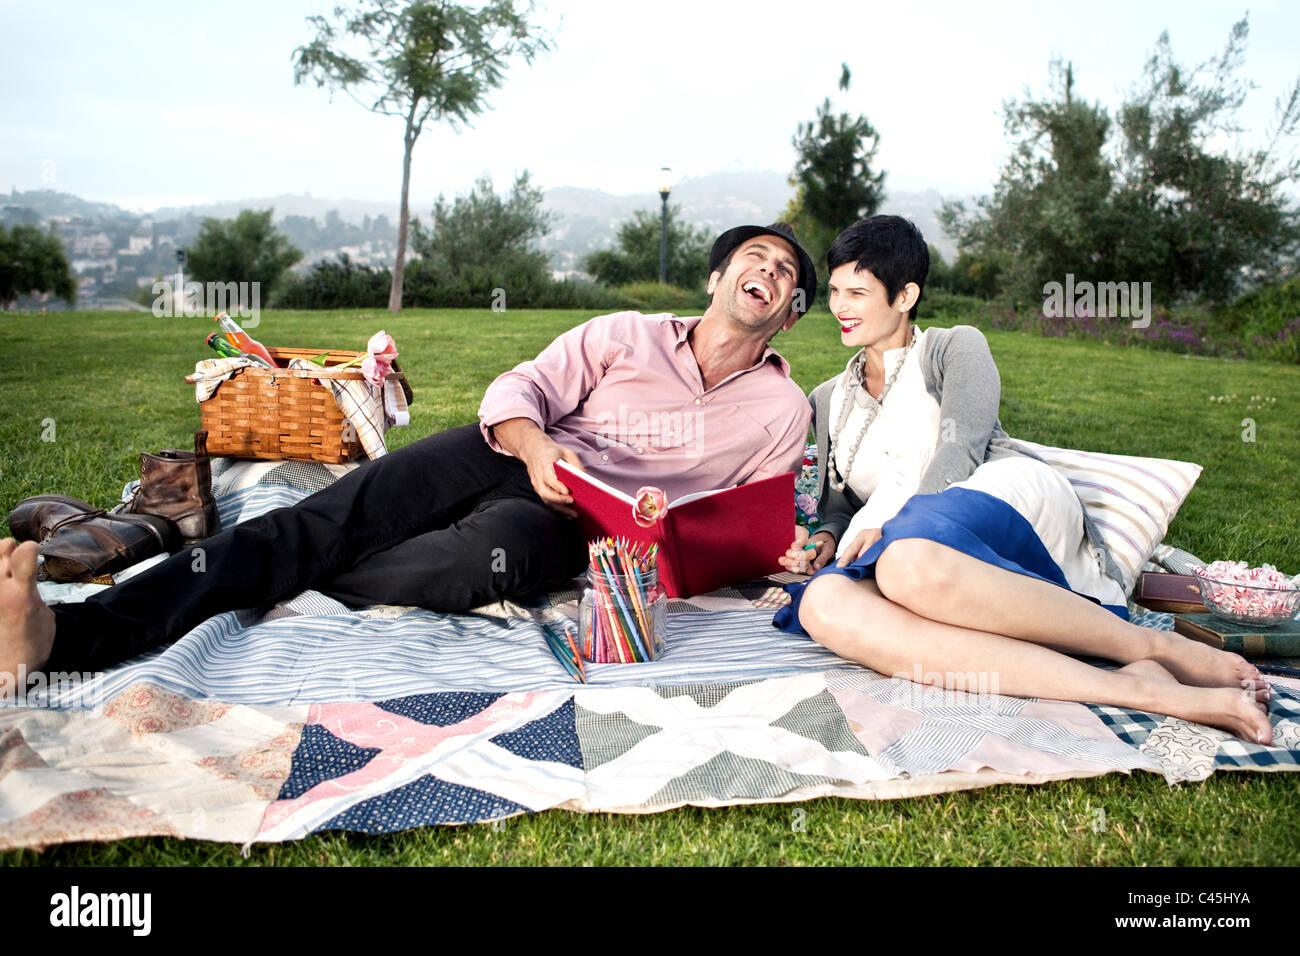 Barfuß, stilvolles Paar entspannen und Picknicken auf einer üppigen grünen Rasen eines Parks. Der Stockbild